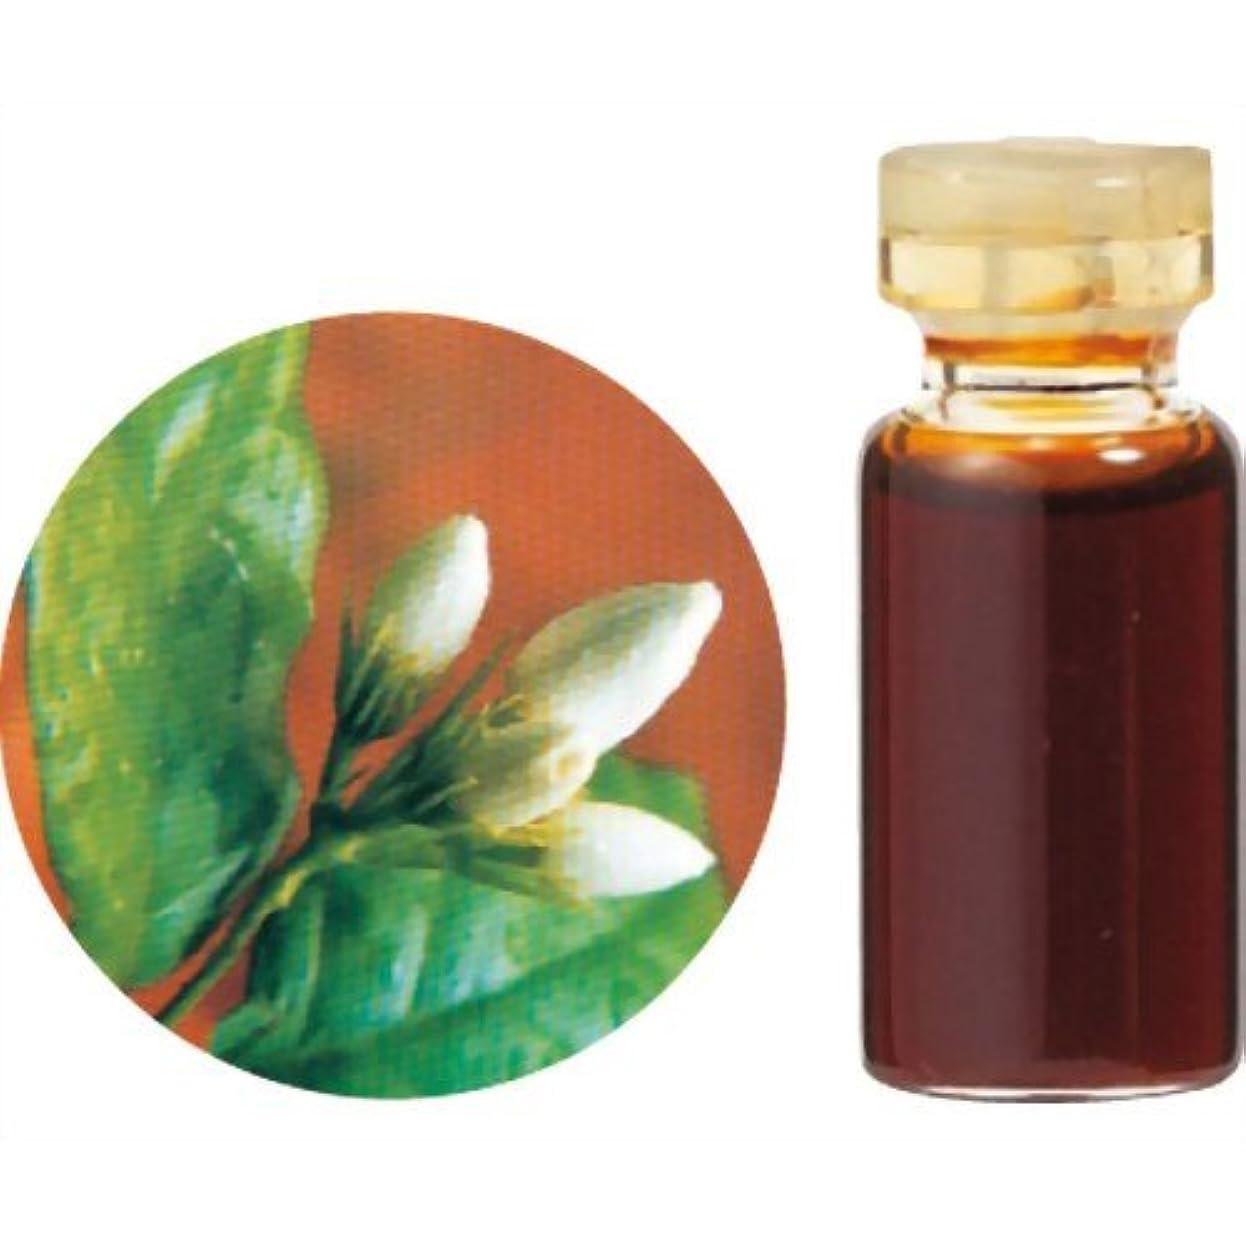 瞑想するインテリア法律により生活の木 C 花精油 ジャスミン サンバック アブソリュート エッセンシャルオイル 3ml